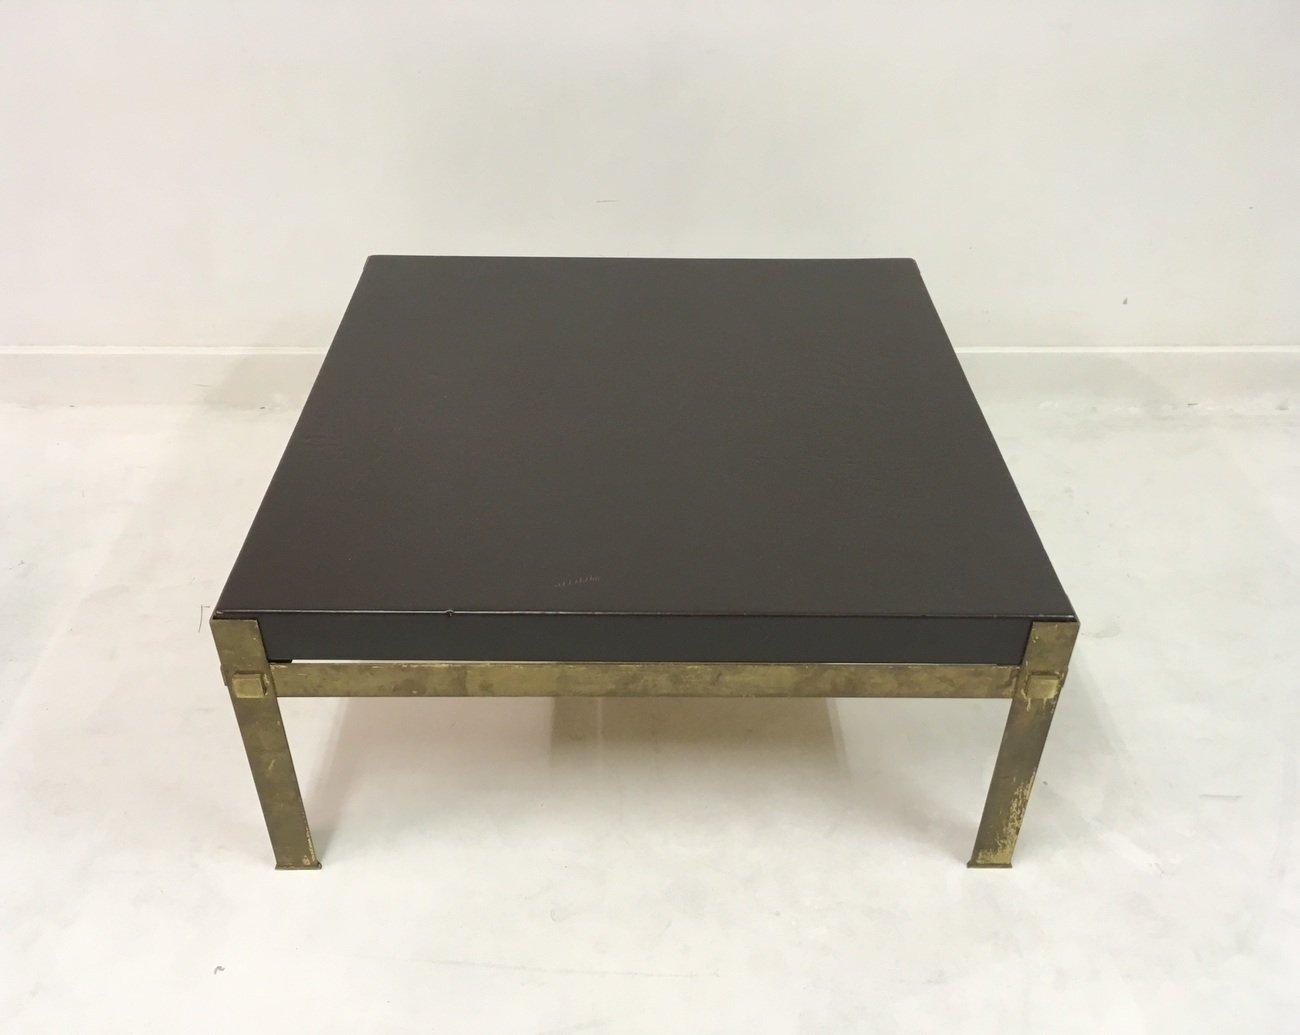 table basse en laiton et cuir france 1970s en vente sur pamono. Black Bedroom Furniture Sets. Home Design Ideas